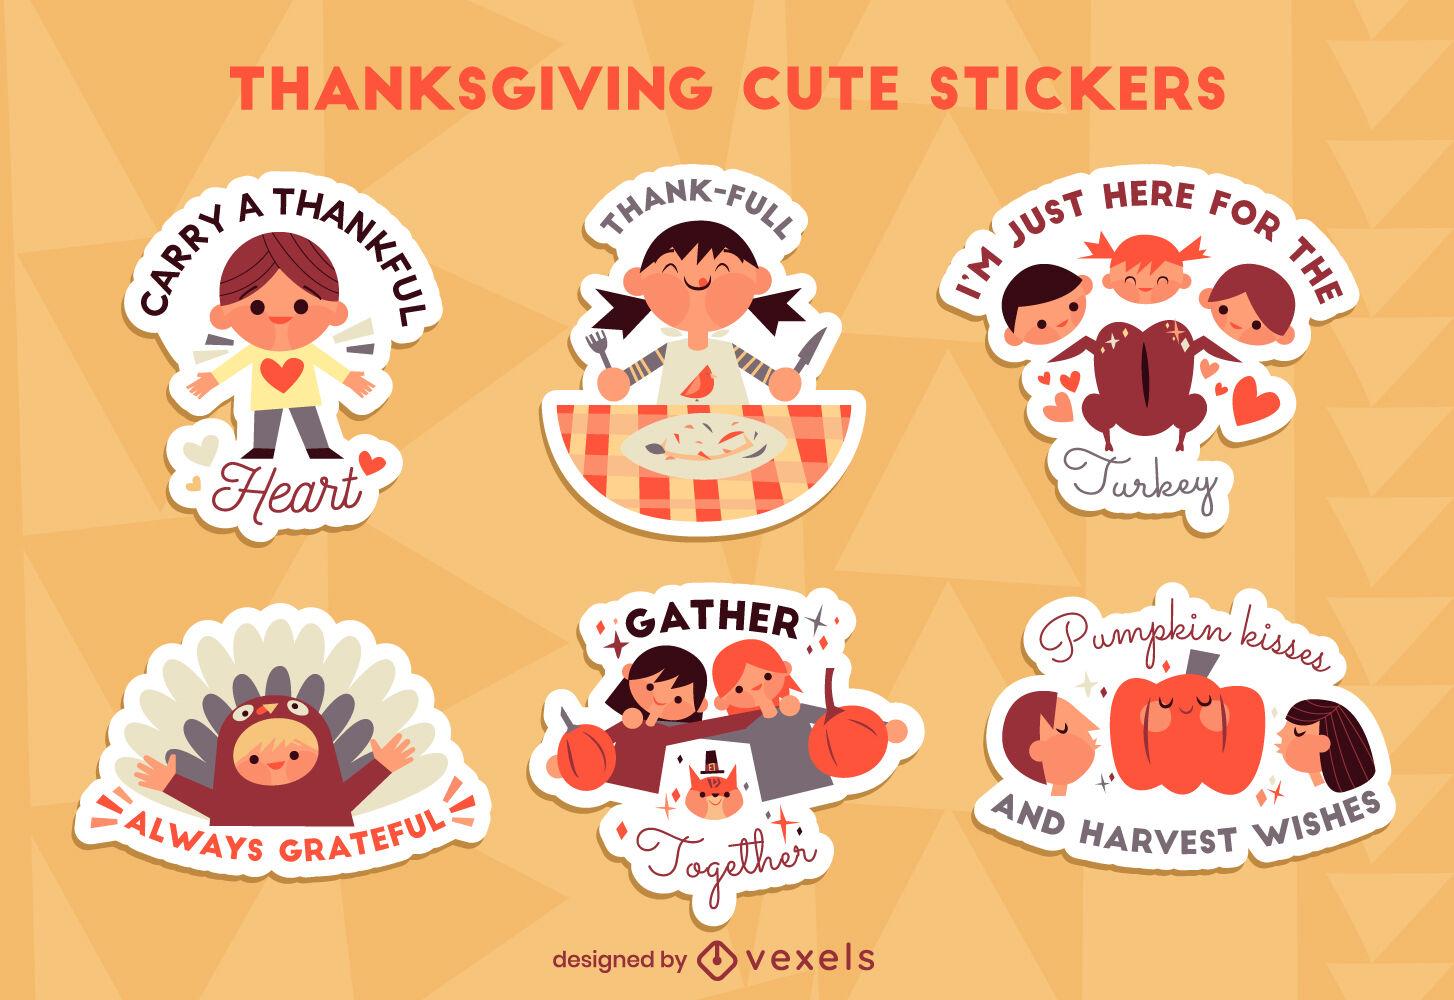 Conjunto de adesivos de crianças fofas no Dia de Ação de Graças